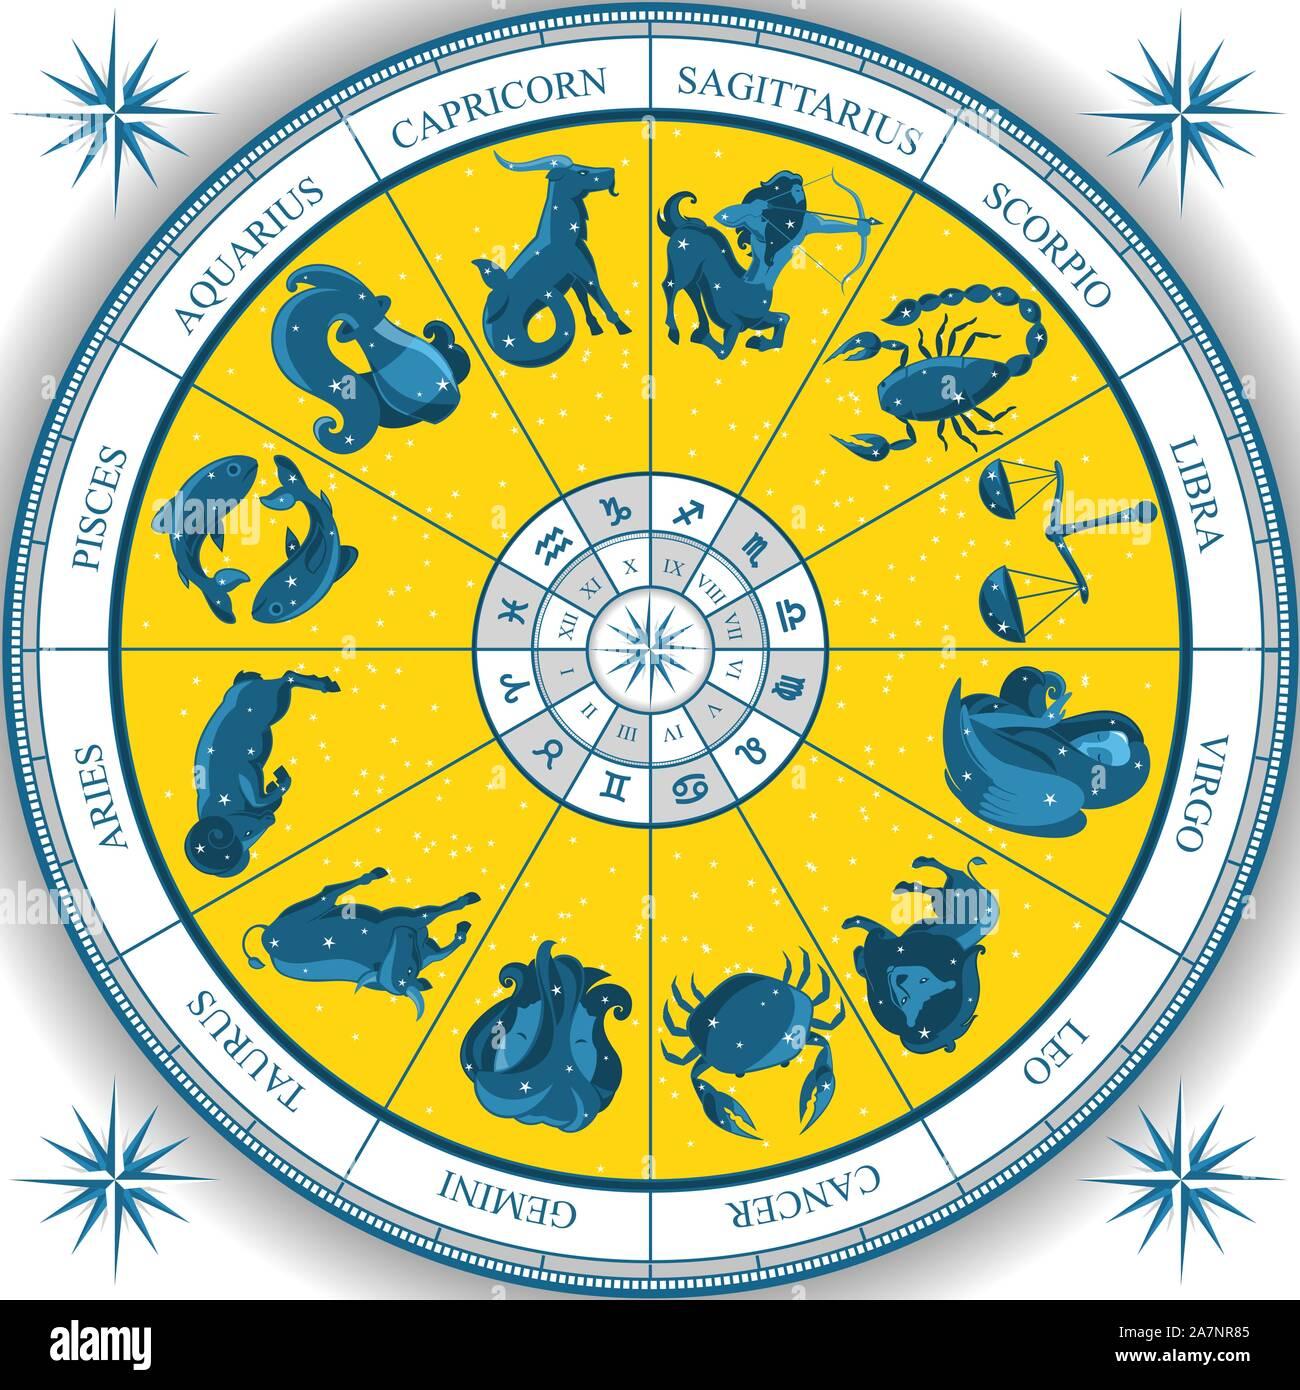 Astrology Zodiac With Natal Chart Stockfotos und  bilder Kaufen ...